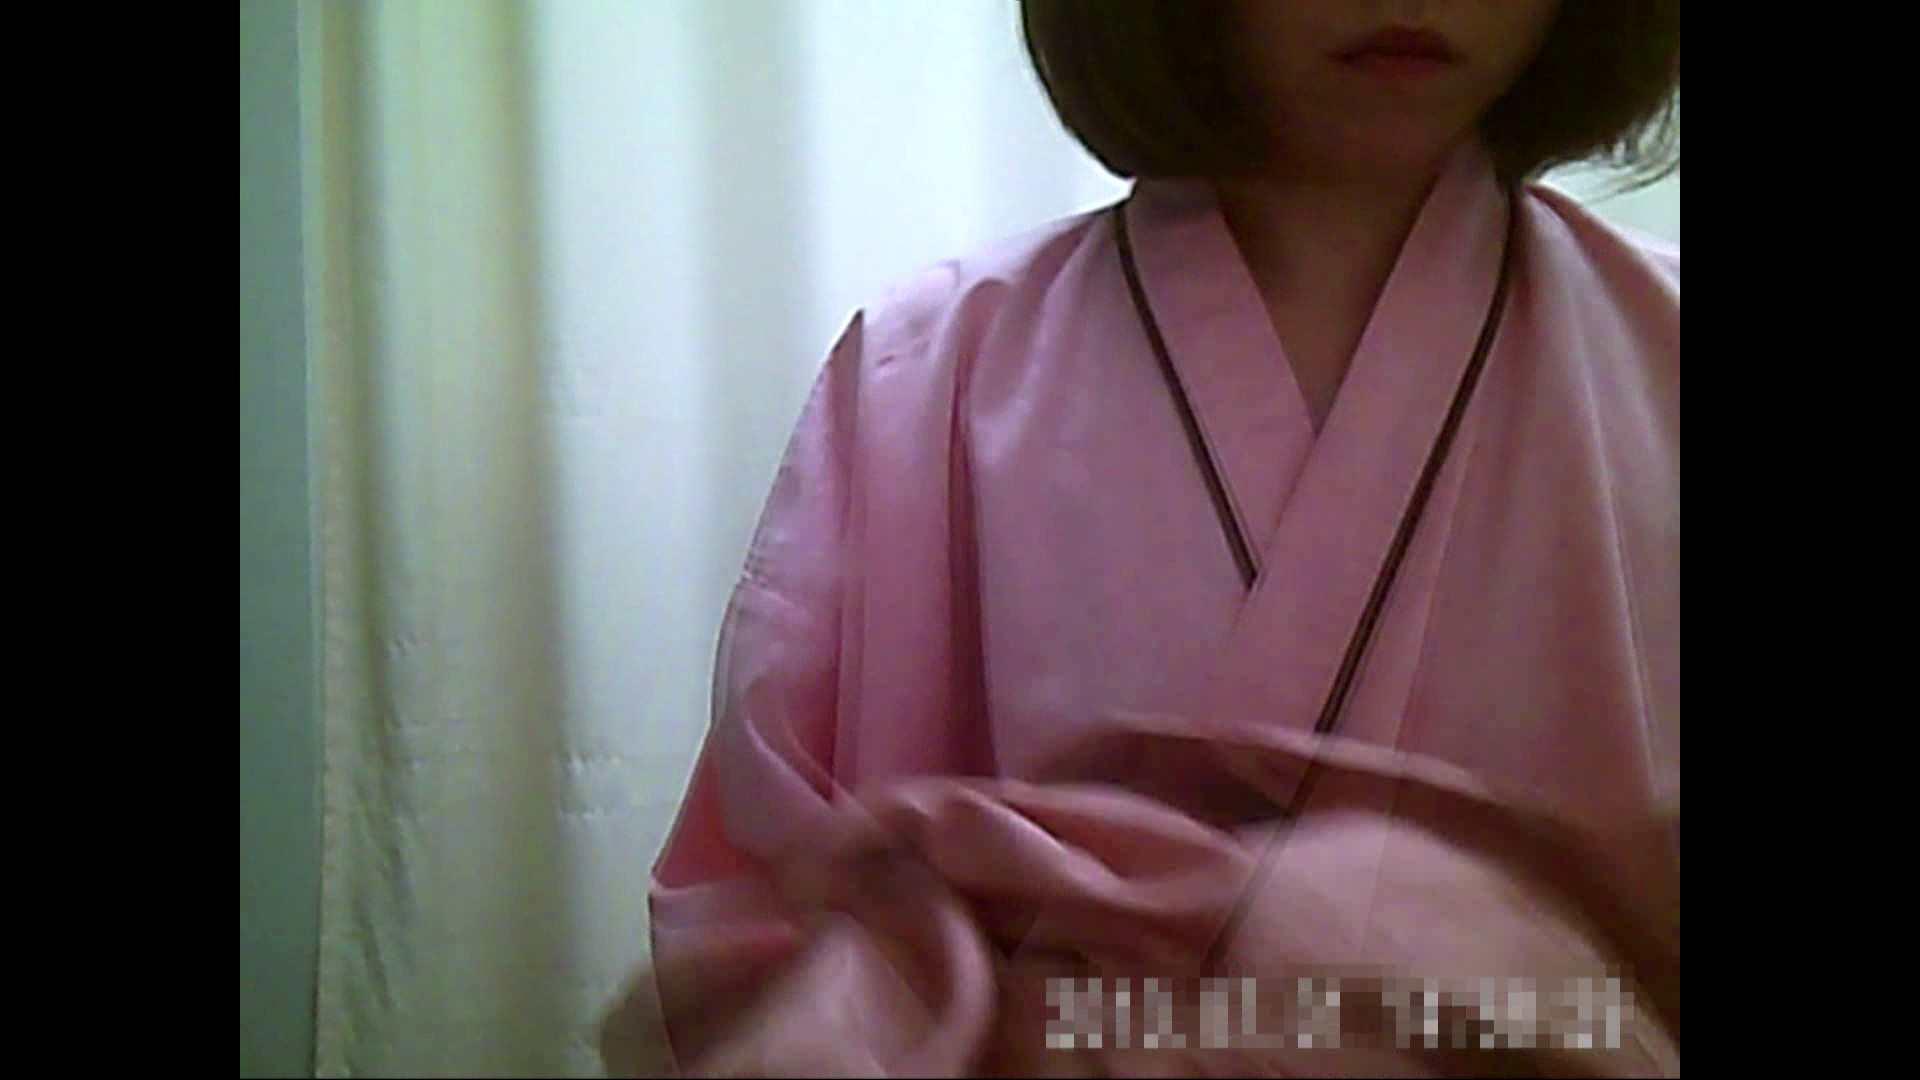 元医者による反抗 更衣室地獄絵巻 vol.039 OL | 0  75連発 75